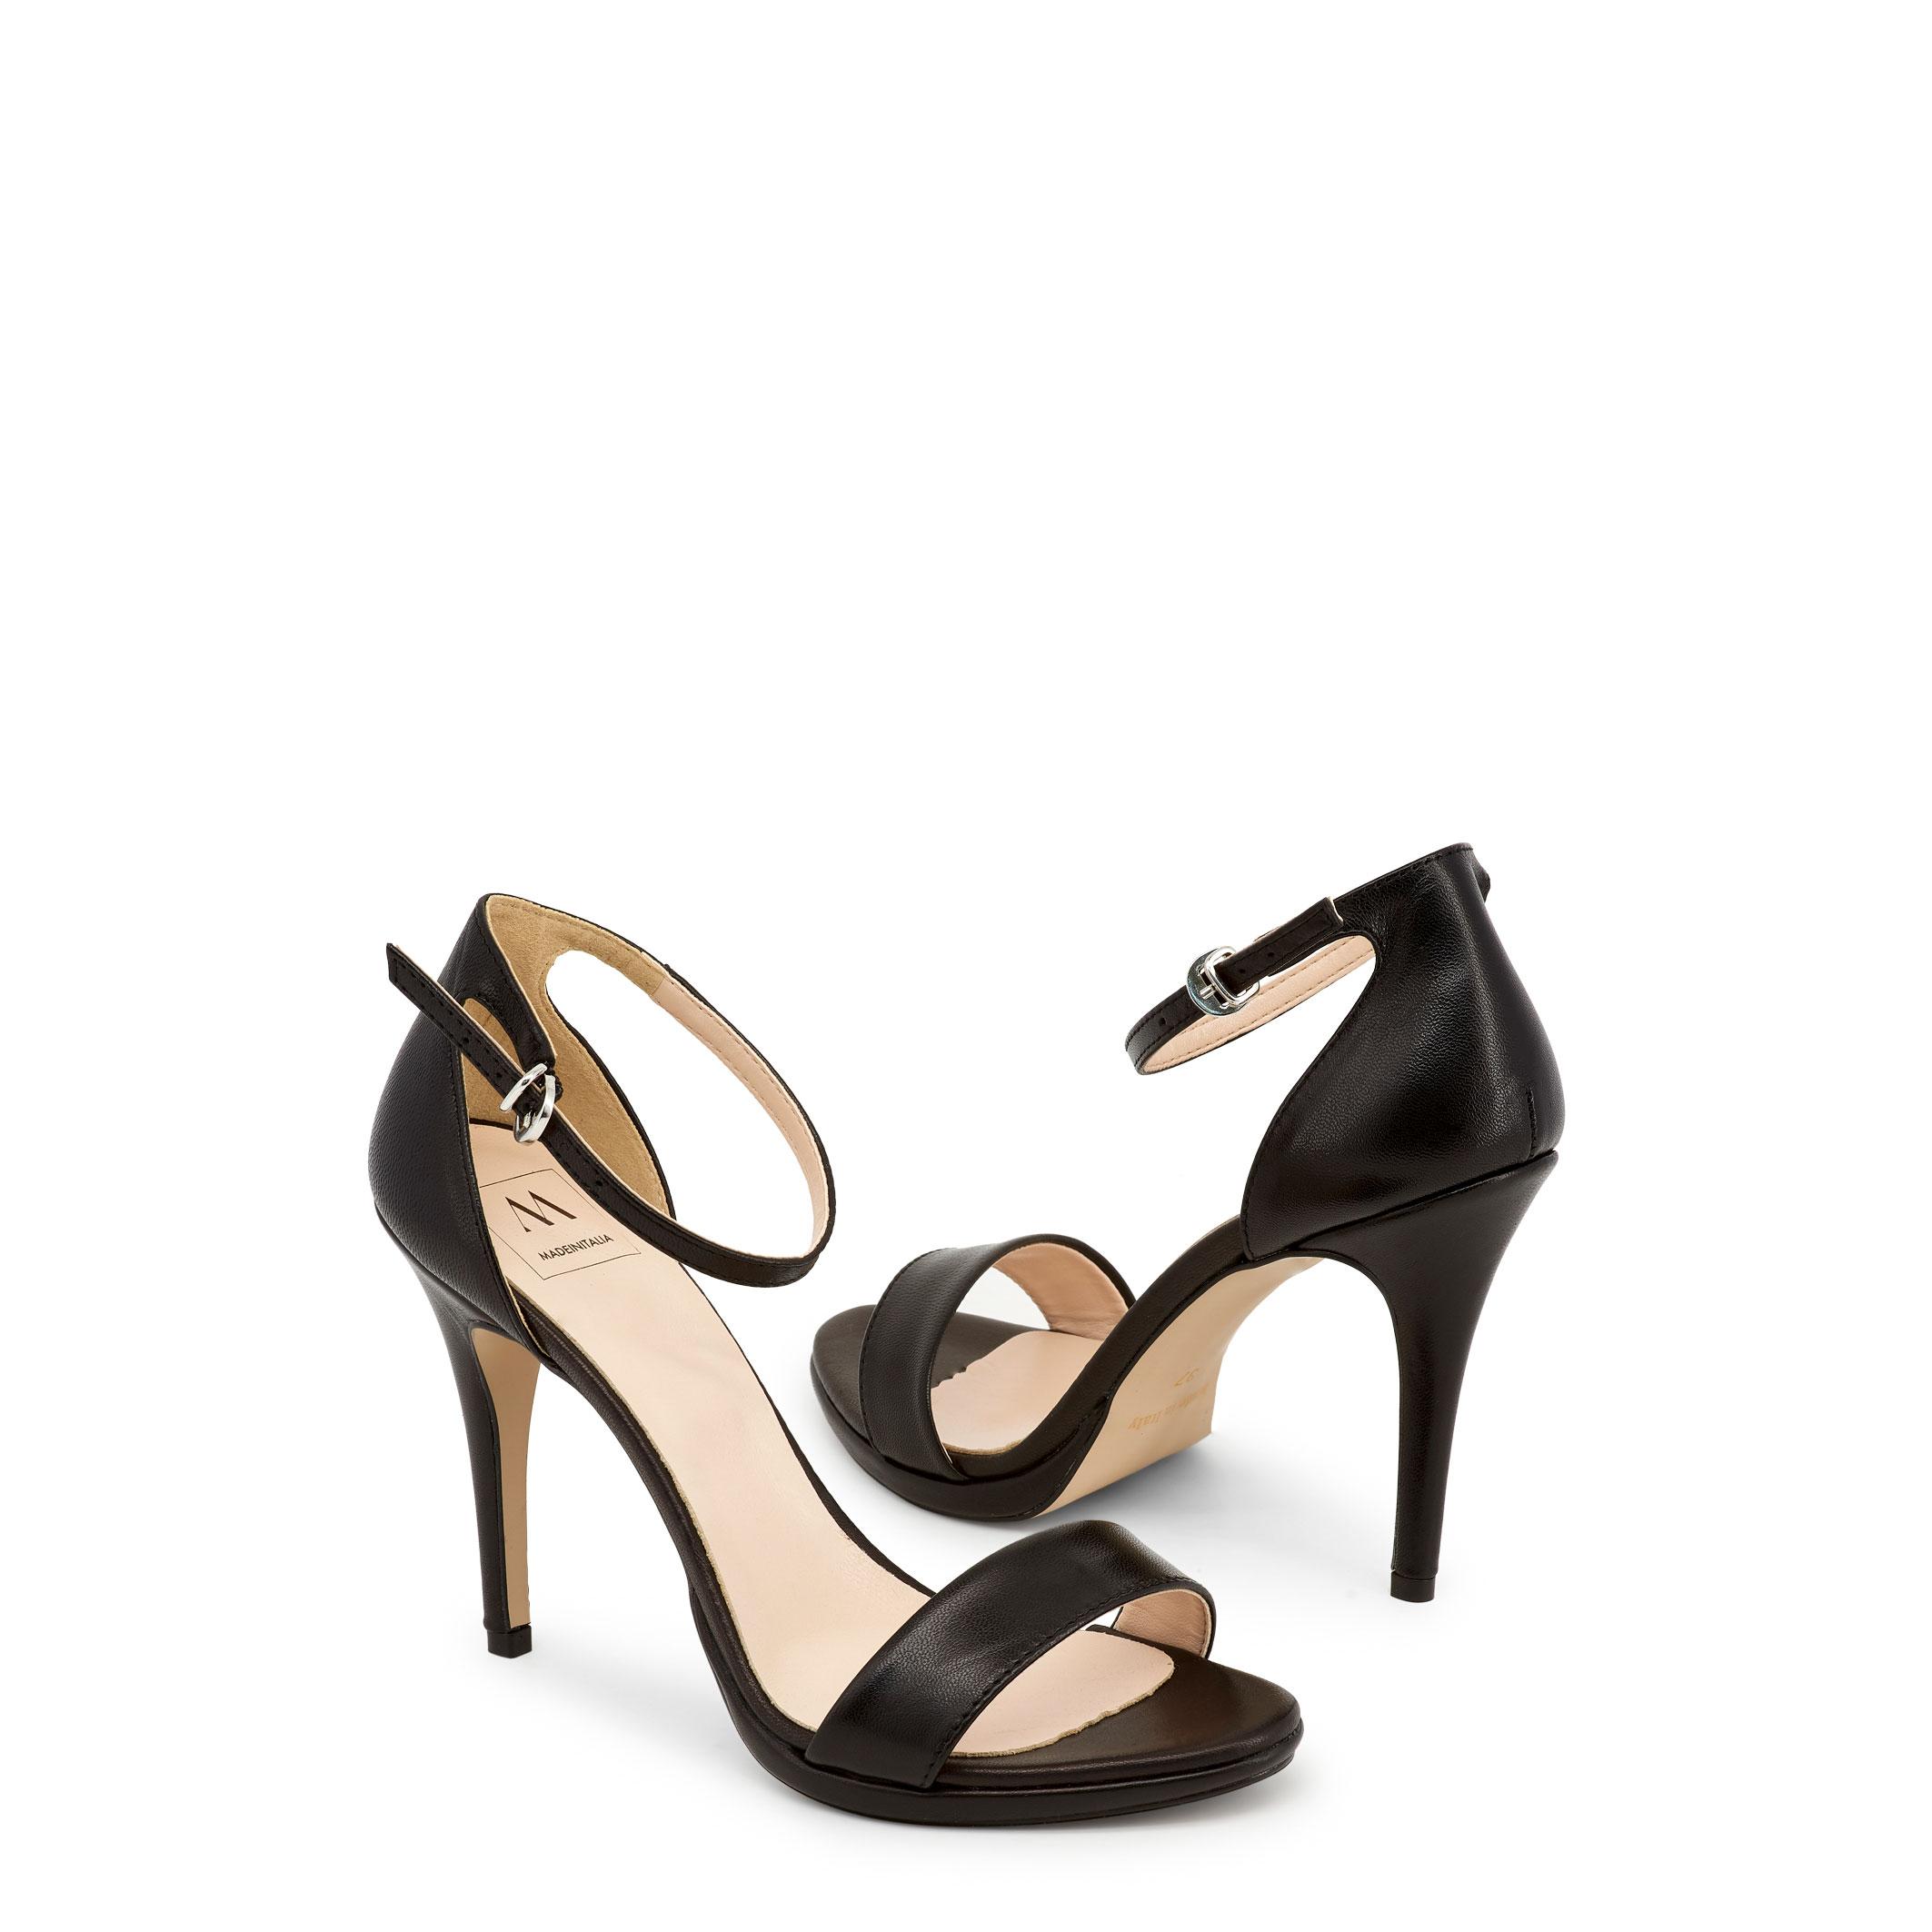 Made in Italia Schuhe LA GELOSIA, Damen Sandalette Rot/Schwarz Keilabsatz